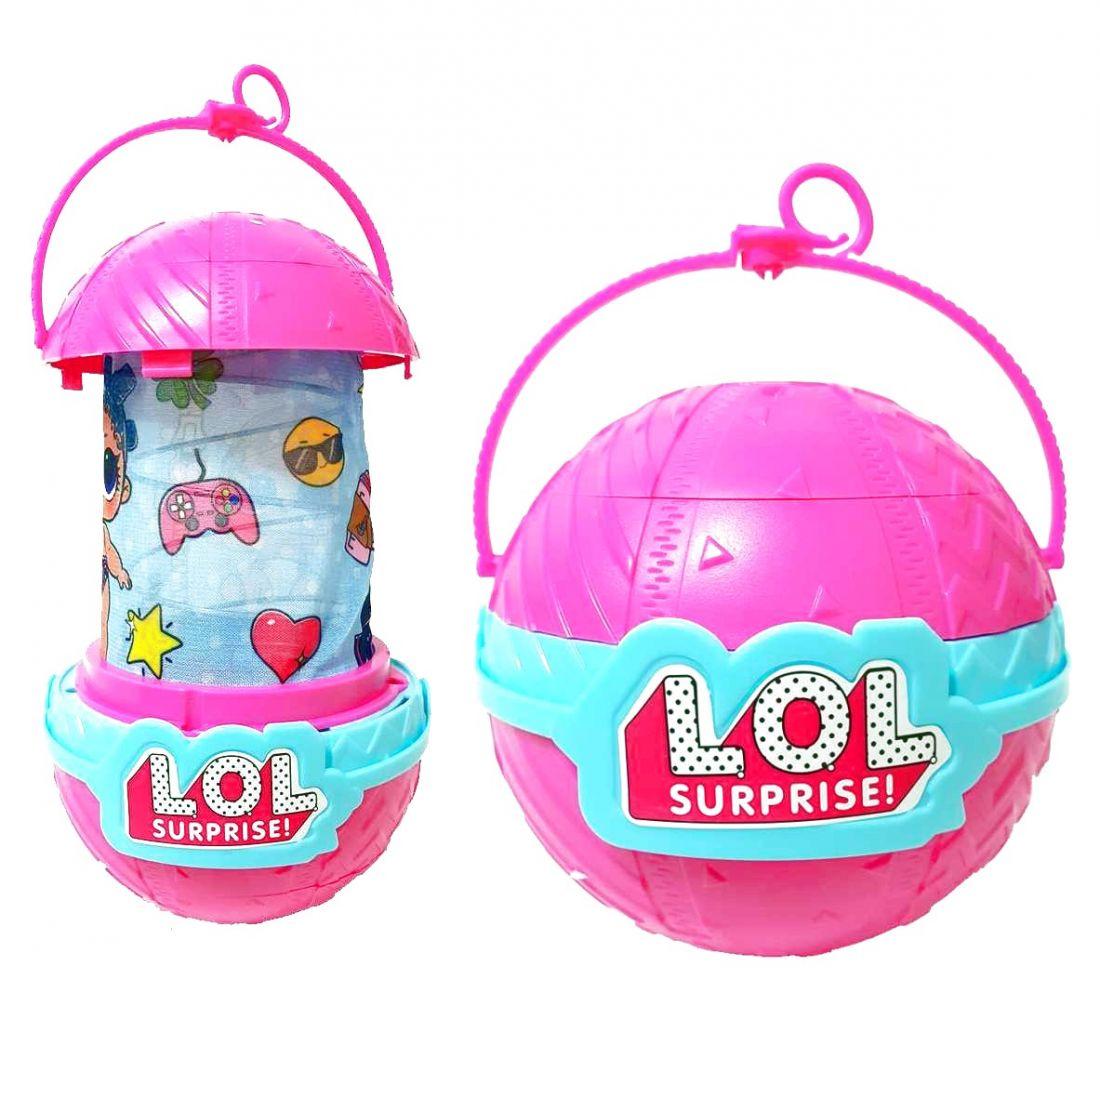 LOL Surprise Ночник-фонарик в шаре розовый